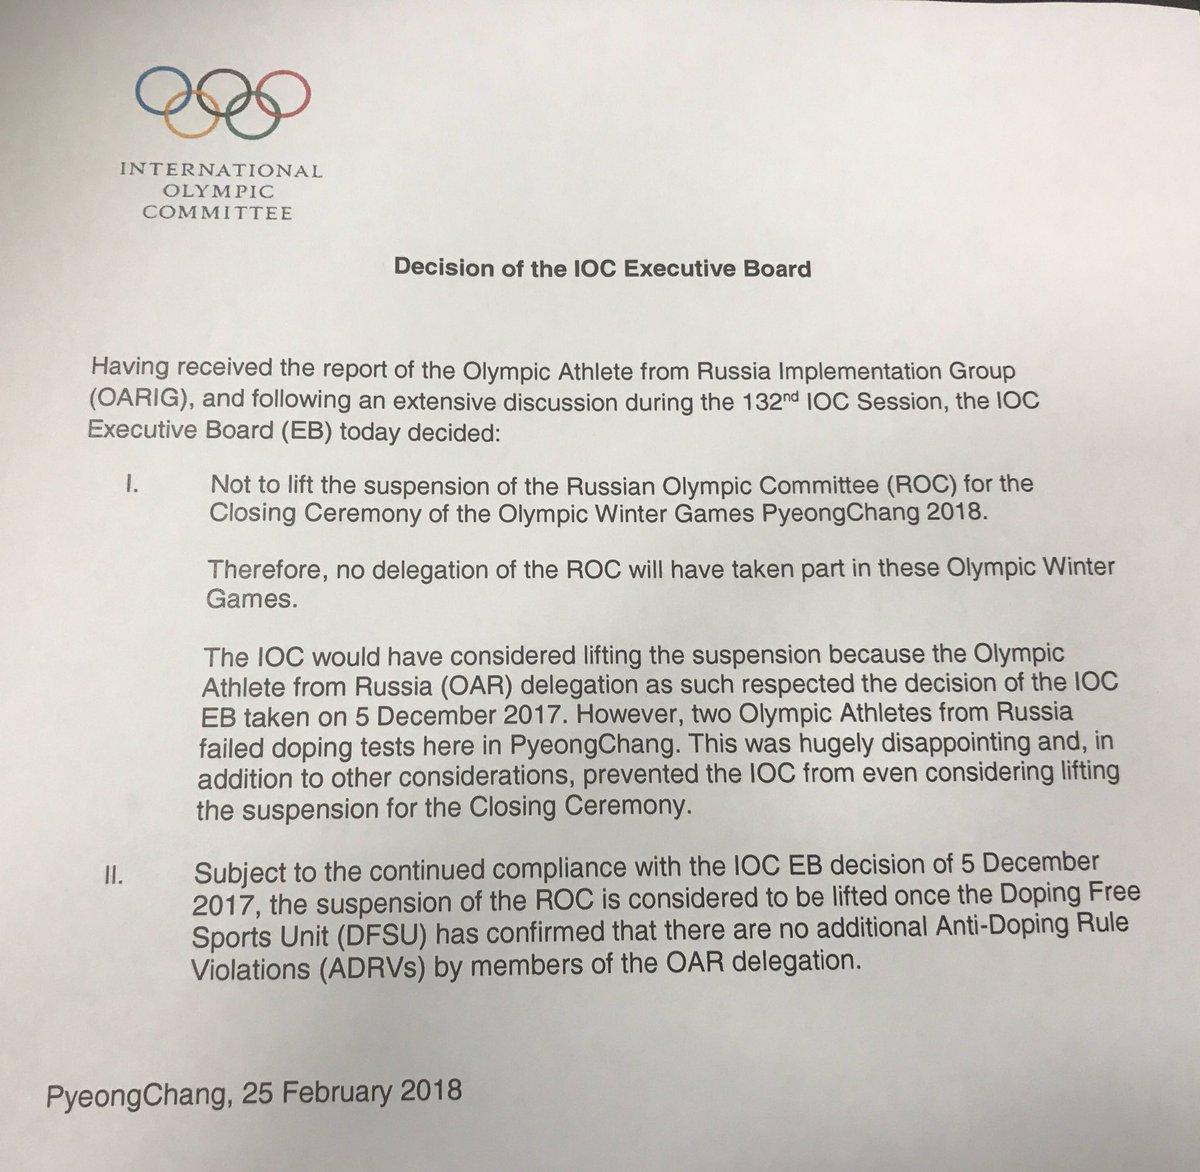 Зимние Олимпийские игры-2018 (не фигурное катание) - Страница 23 DW2PKXsVMAE_j41